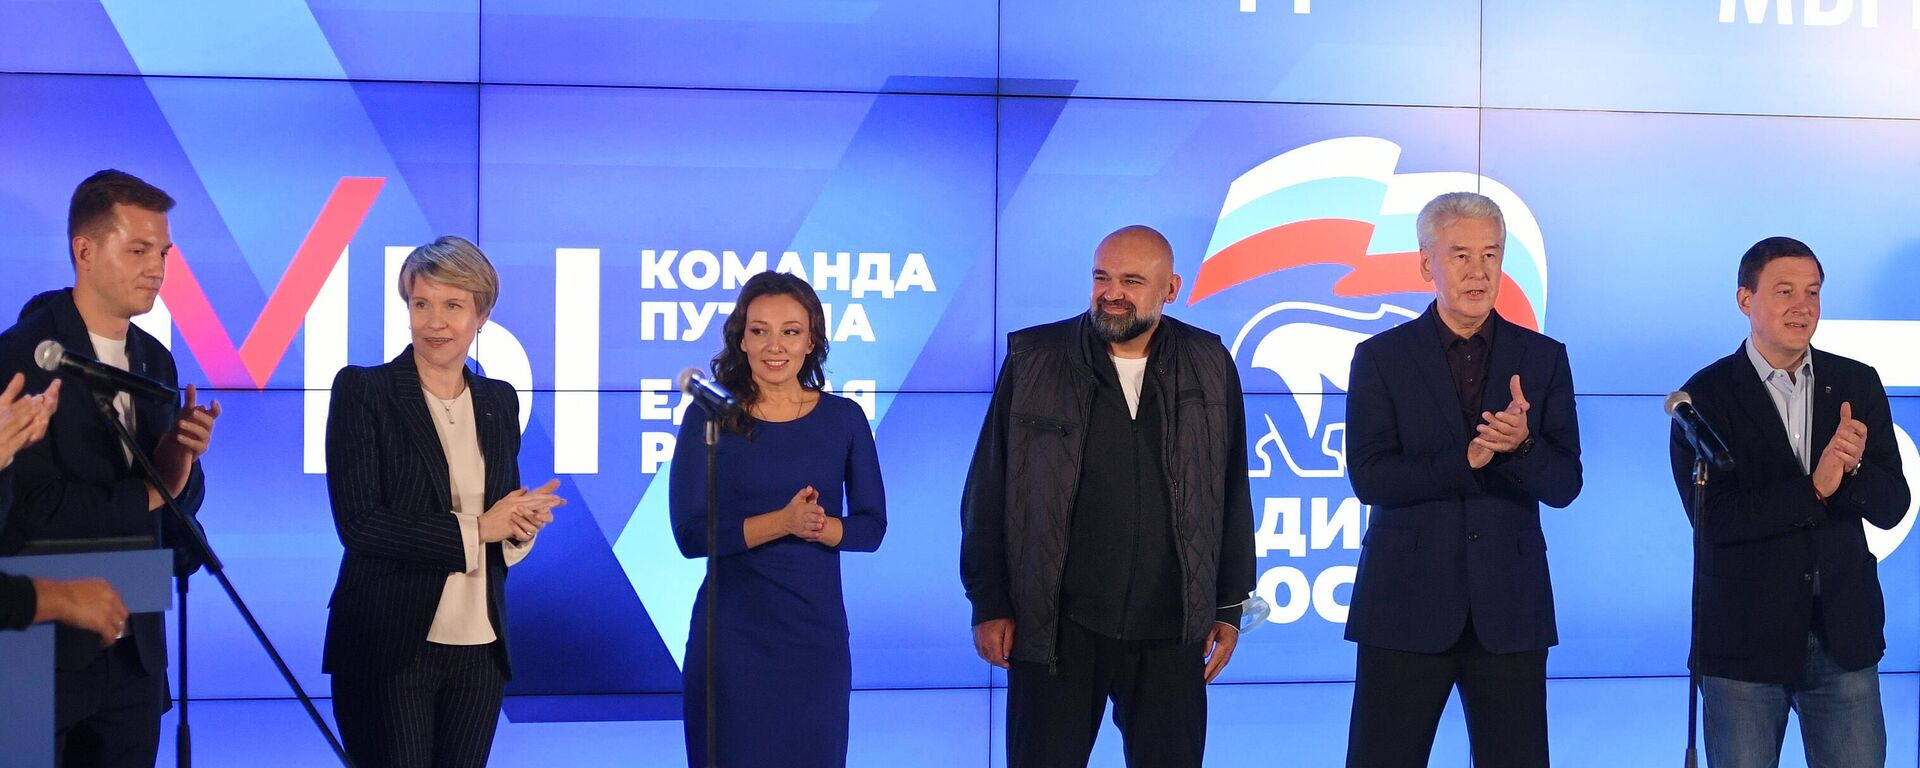 El partido oficialista Rusia Unida - Sputnik Mundo, 1920, 20.09.2021